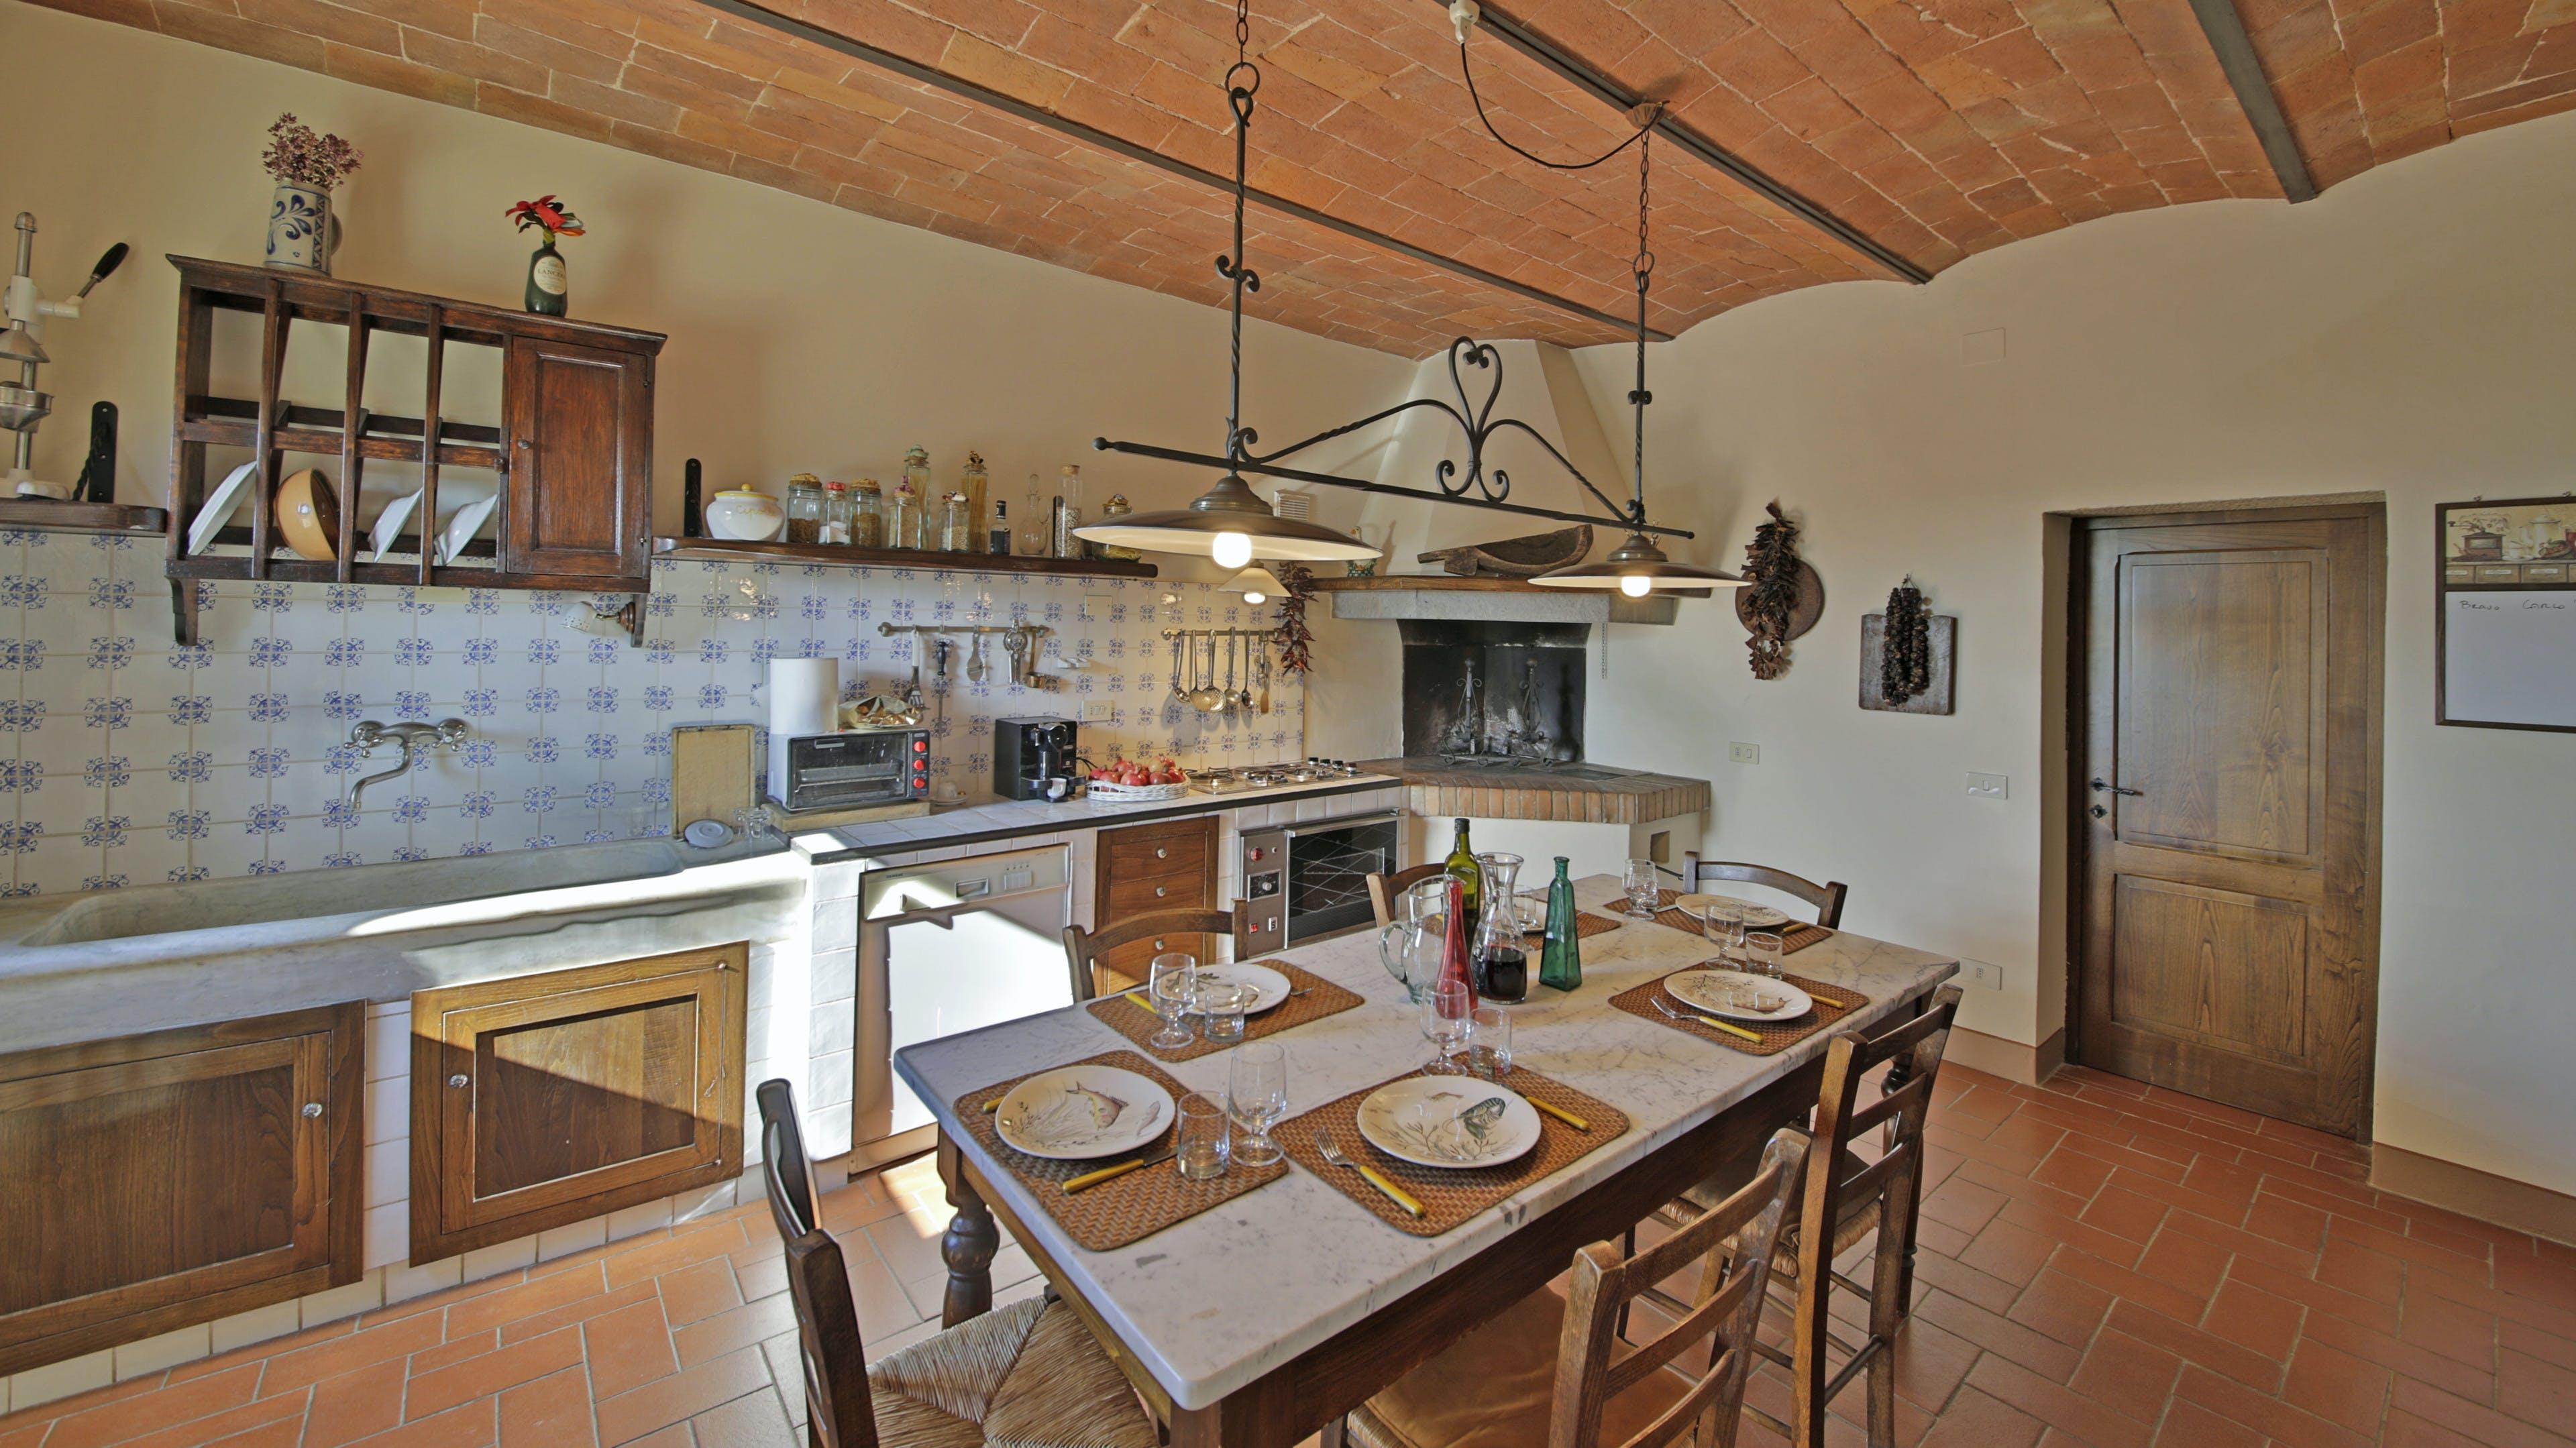 Casa I Soli, Italy -  - New York City Townhouse Real Estate